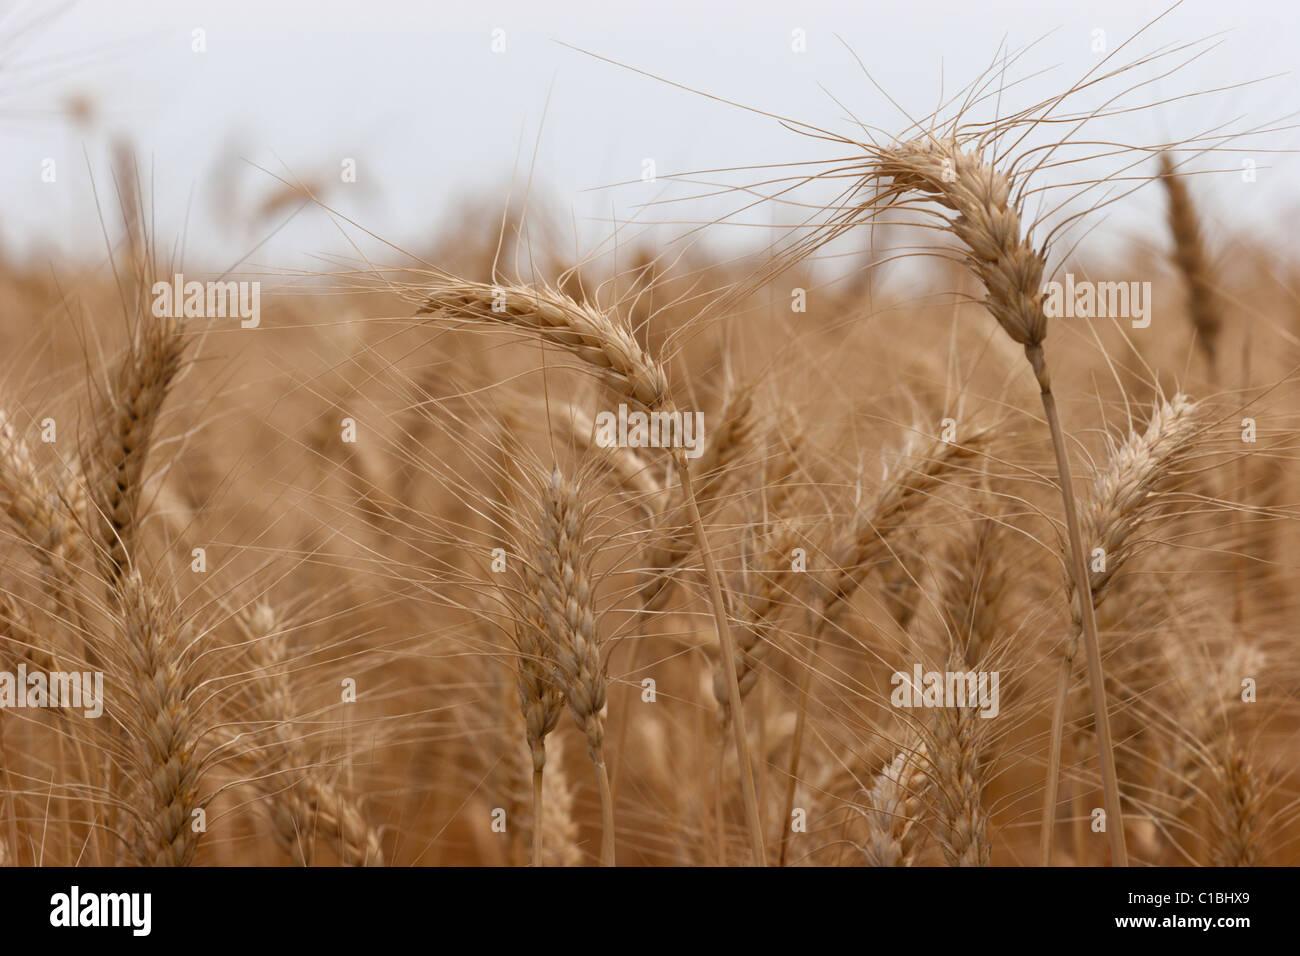 Orzo Frumento cereali raccolto di grano dorato alimento campo raccolto agricolo Immagini Stock